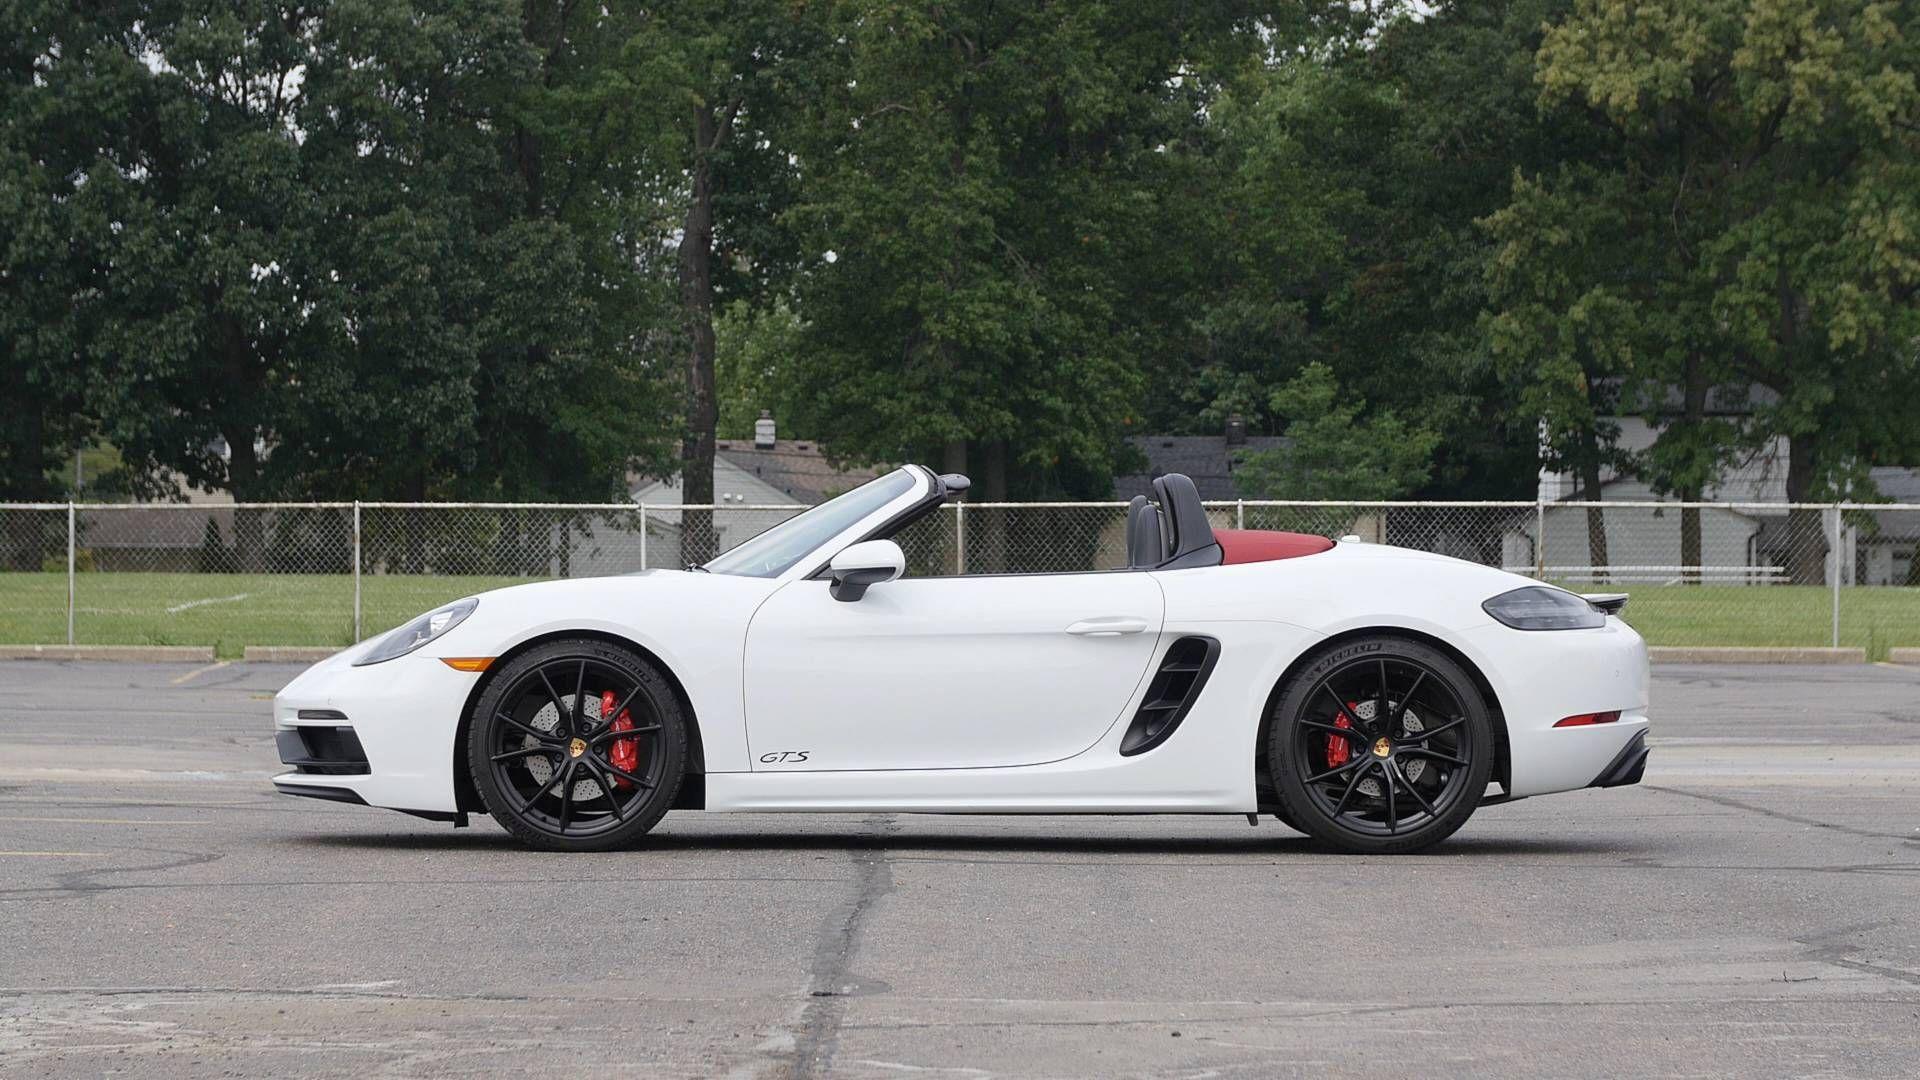 2018 Porsche 718 Boxster Gts Why Buy Porsche 718 Boxster Porsche Boxster Porsche 718 Boxster Gts